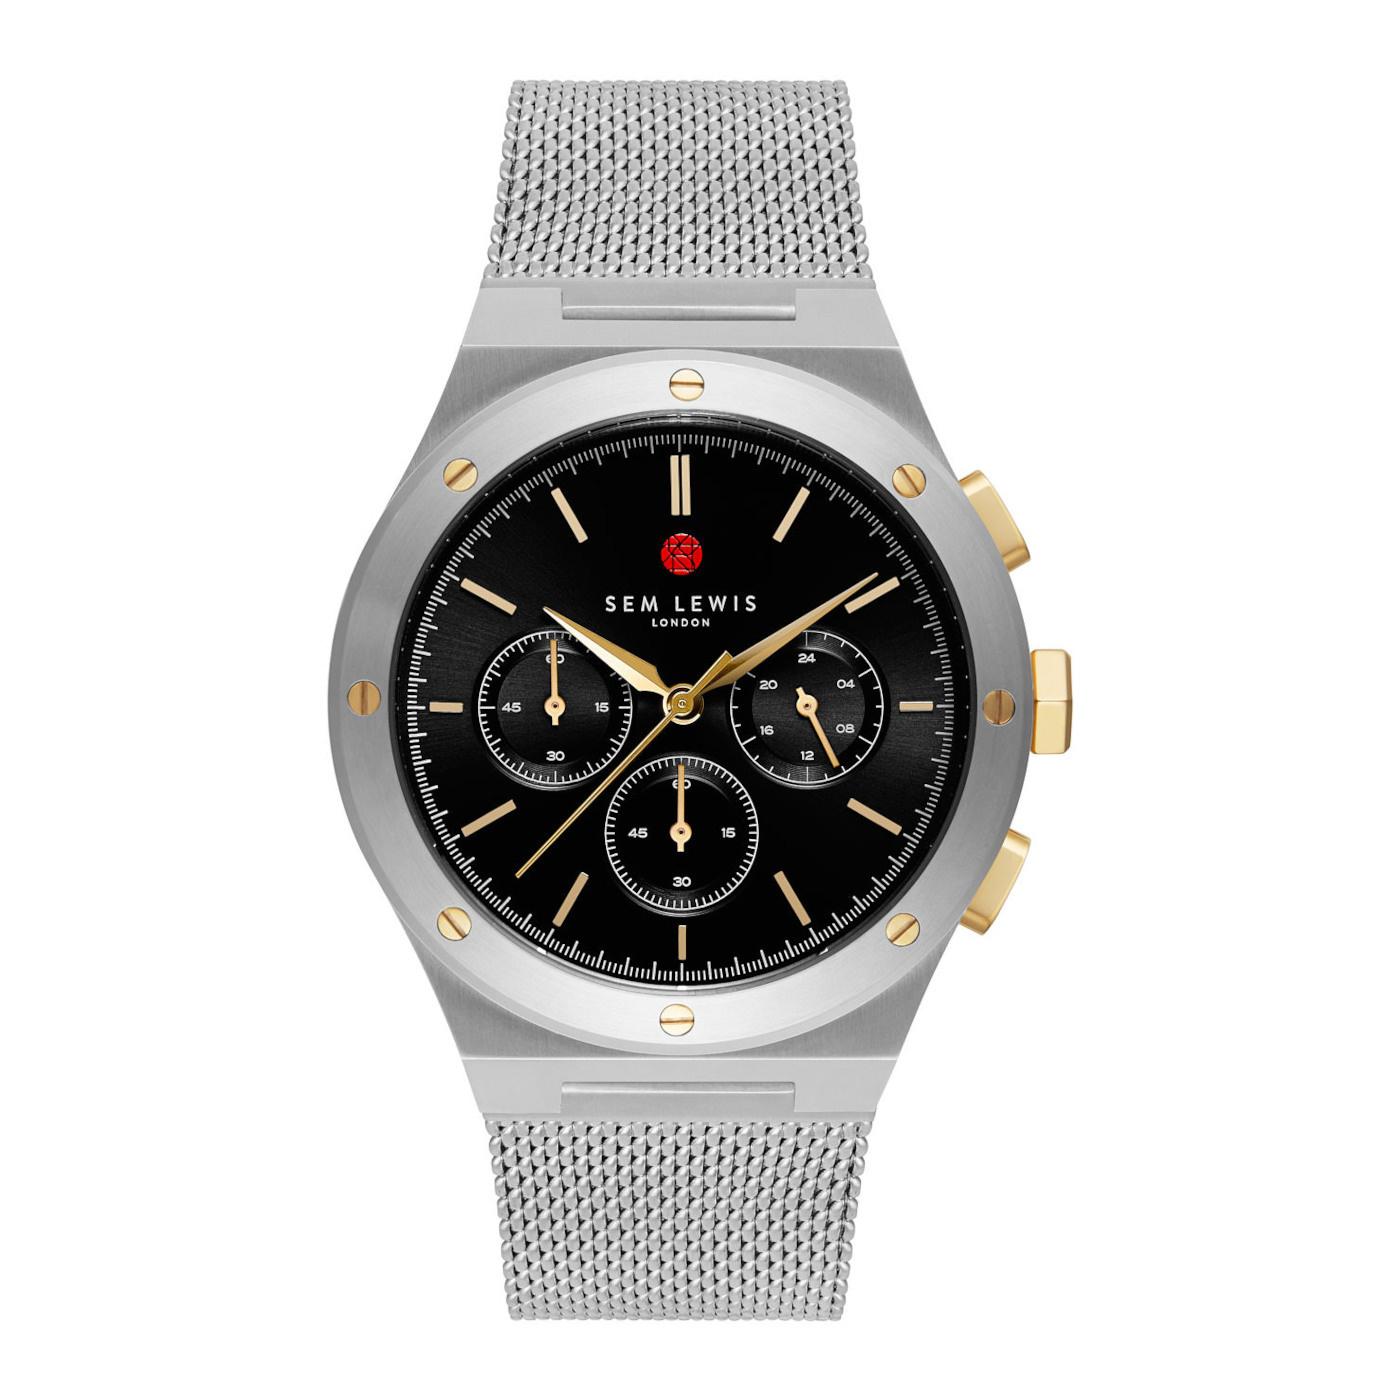 Sem Lewis Moorgate montre chronographe couleur argent et noir